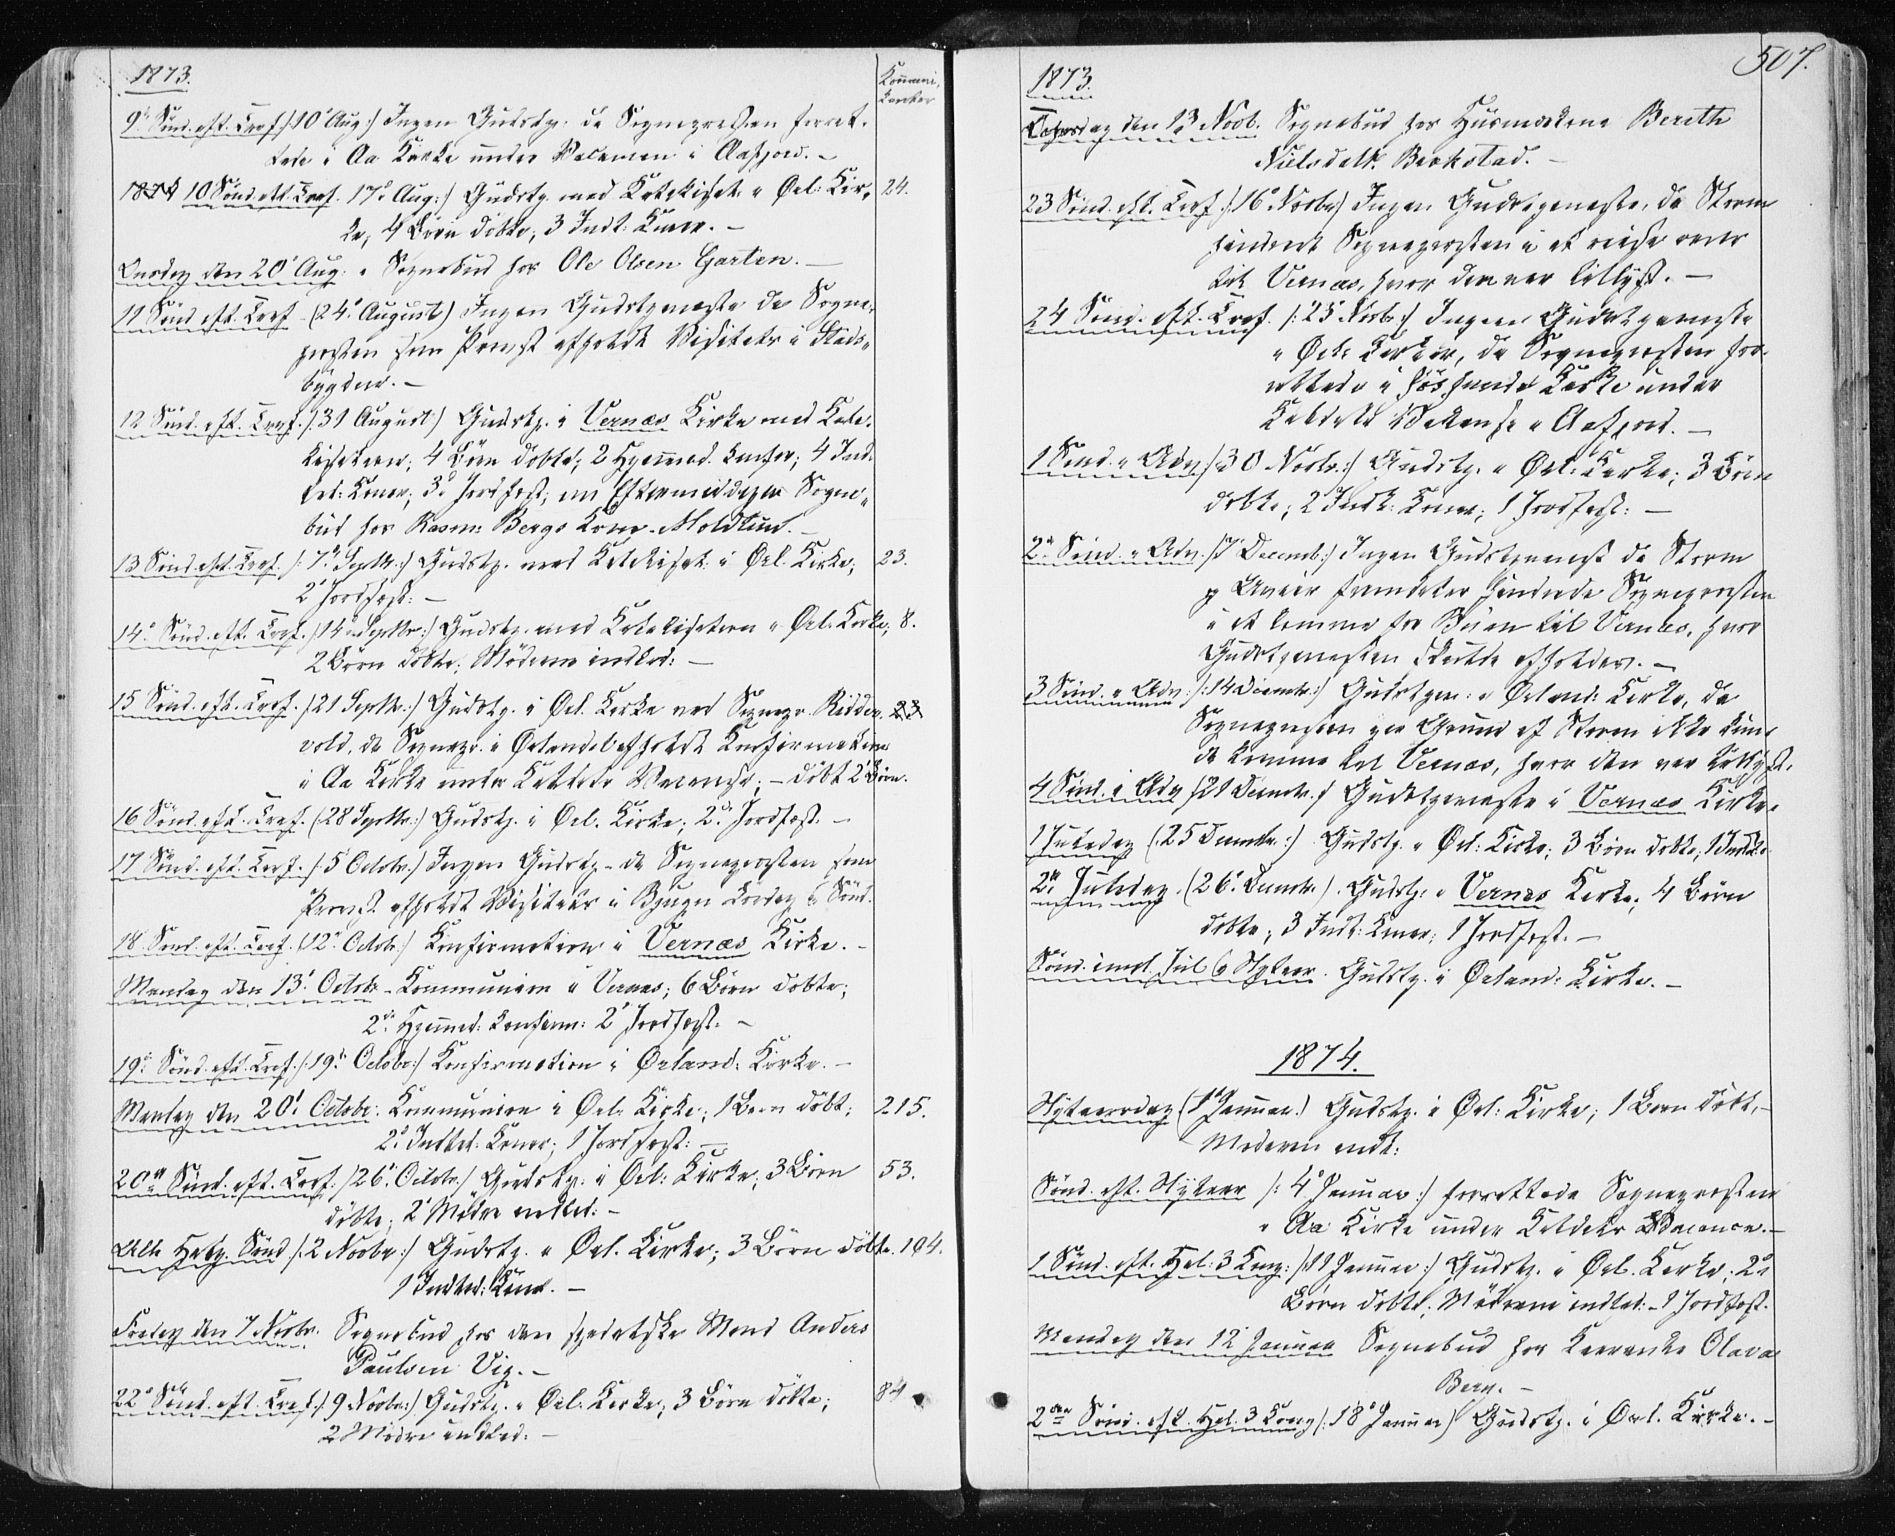 SAT, Ministerialprotokoller, klokkerbøker og fødselsregistre - Sør-Trøndelag, 659/L0737: Ministerialbok nr. 659A07, 1857-1875, s. 507